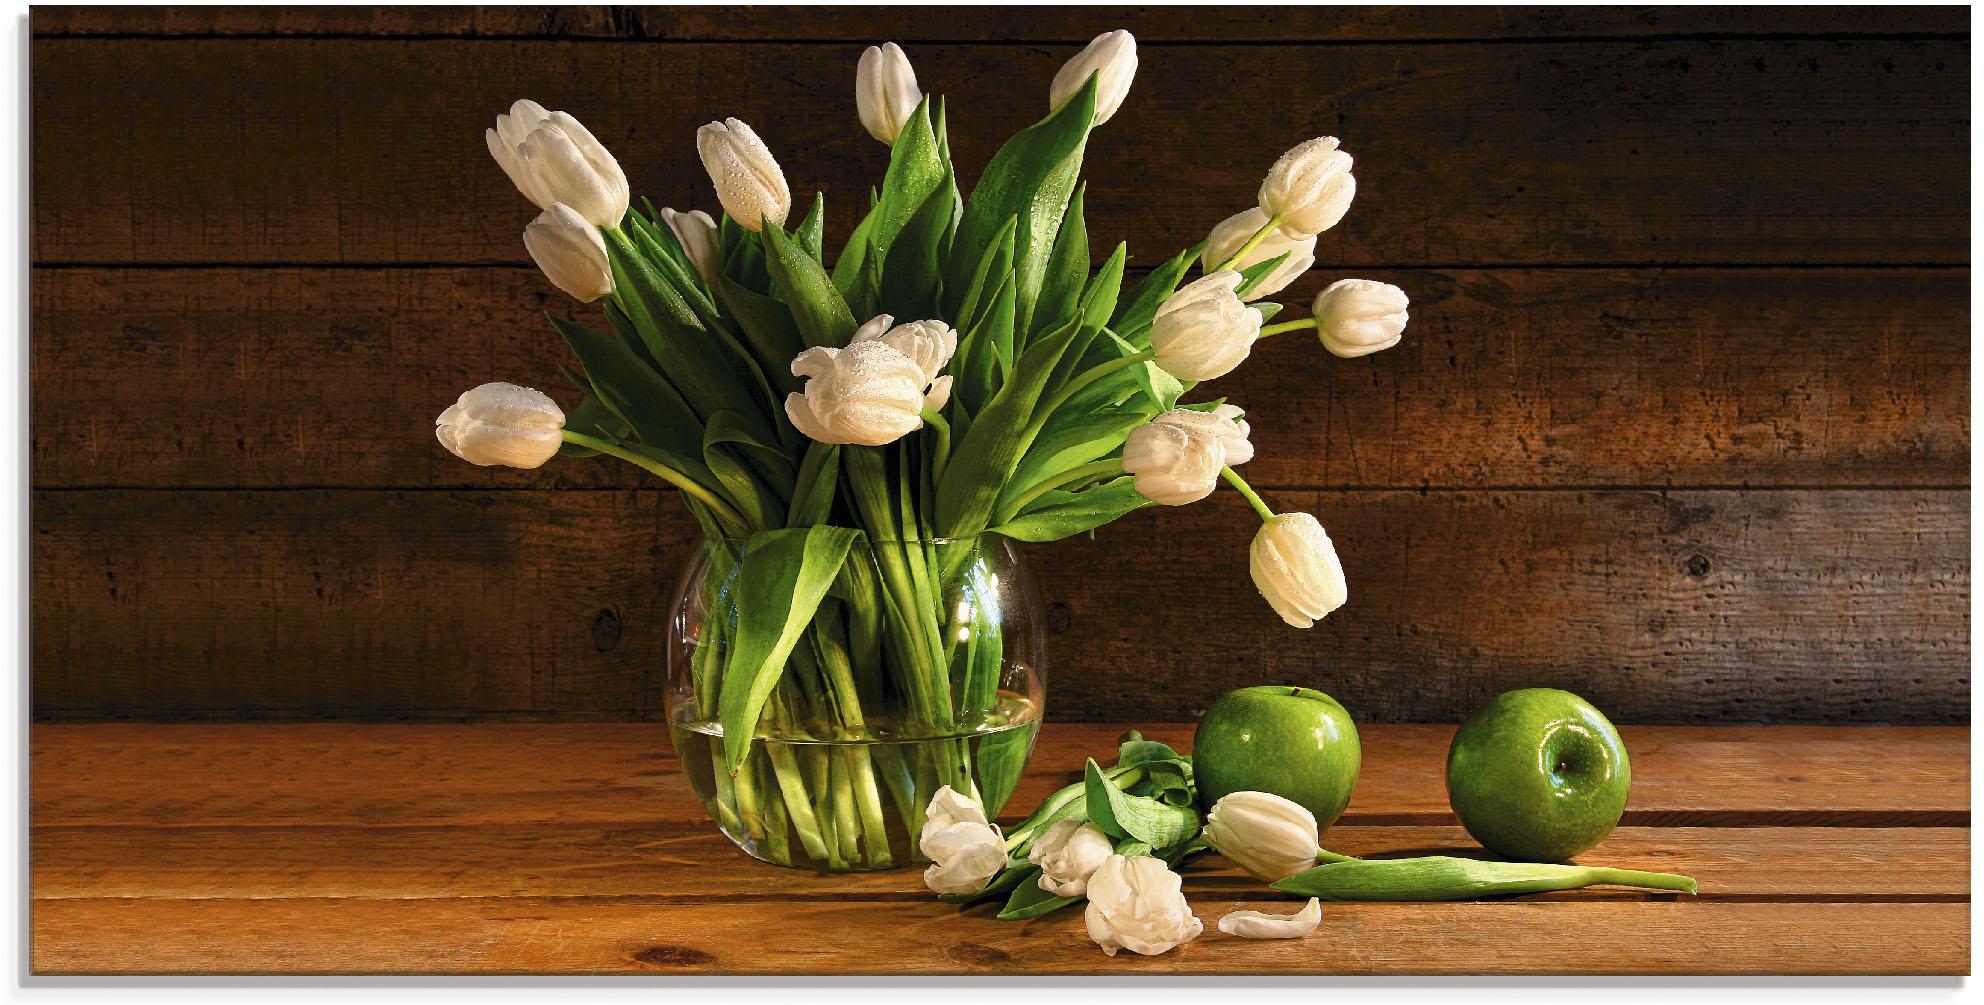 Artland Glasbild Tulpen in Glasvase, Blumen, (1 St.) günstig online kaufen